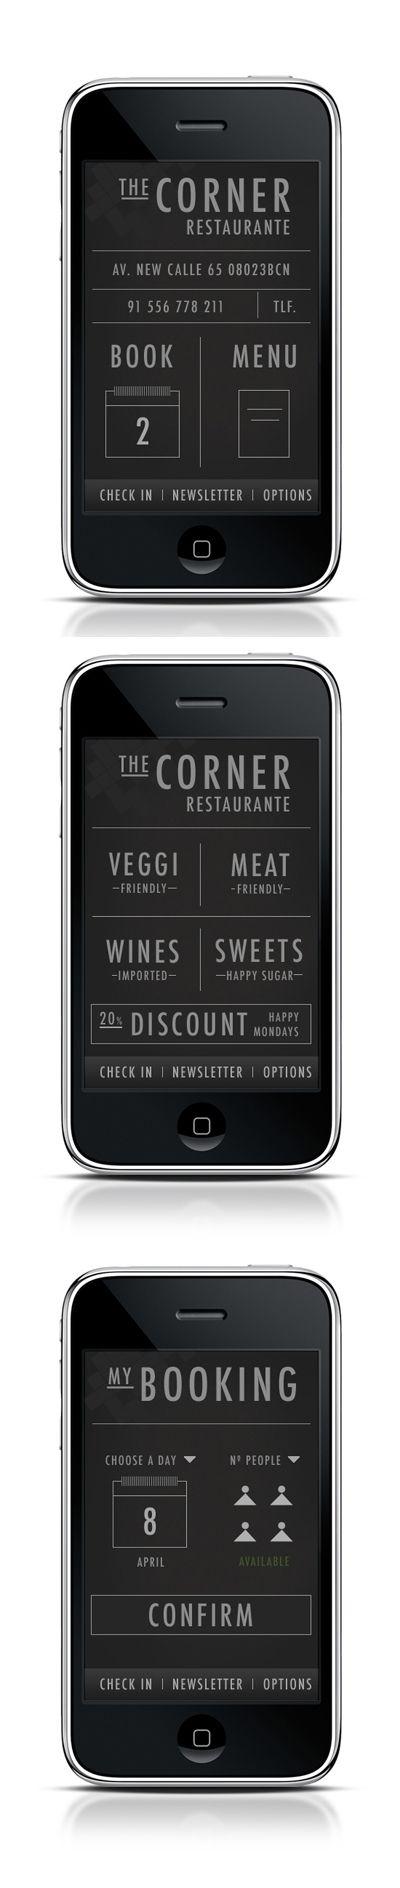 App design / UI Mobile design